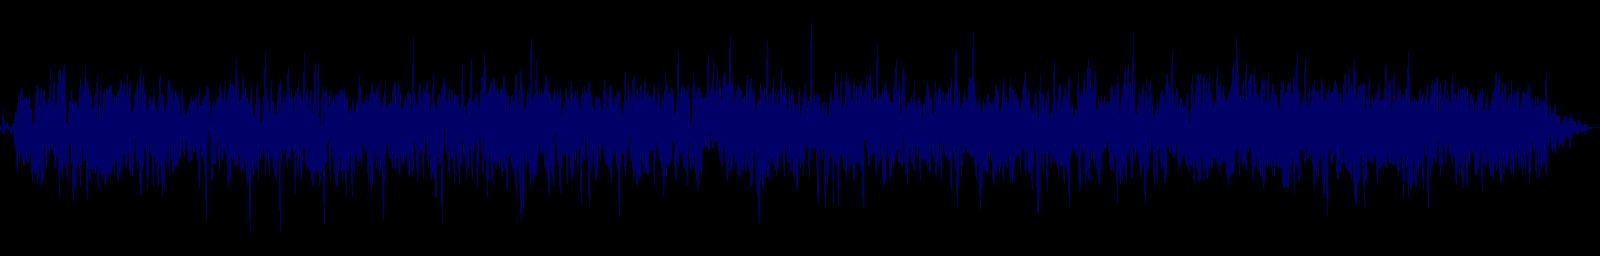 waveform of track #152711